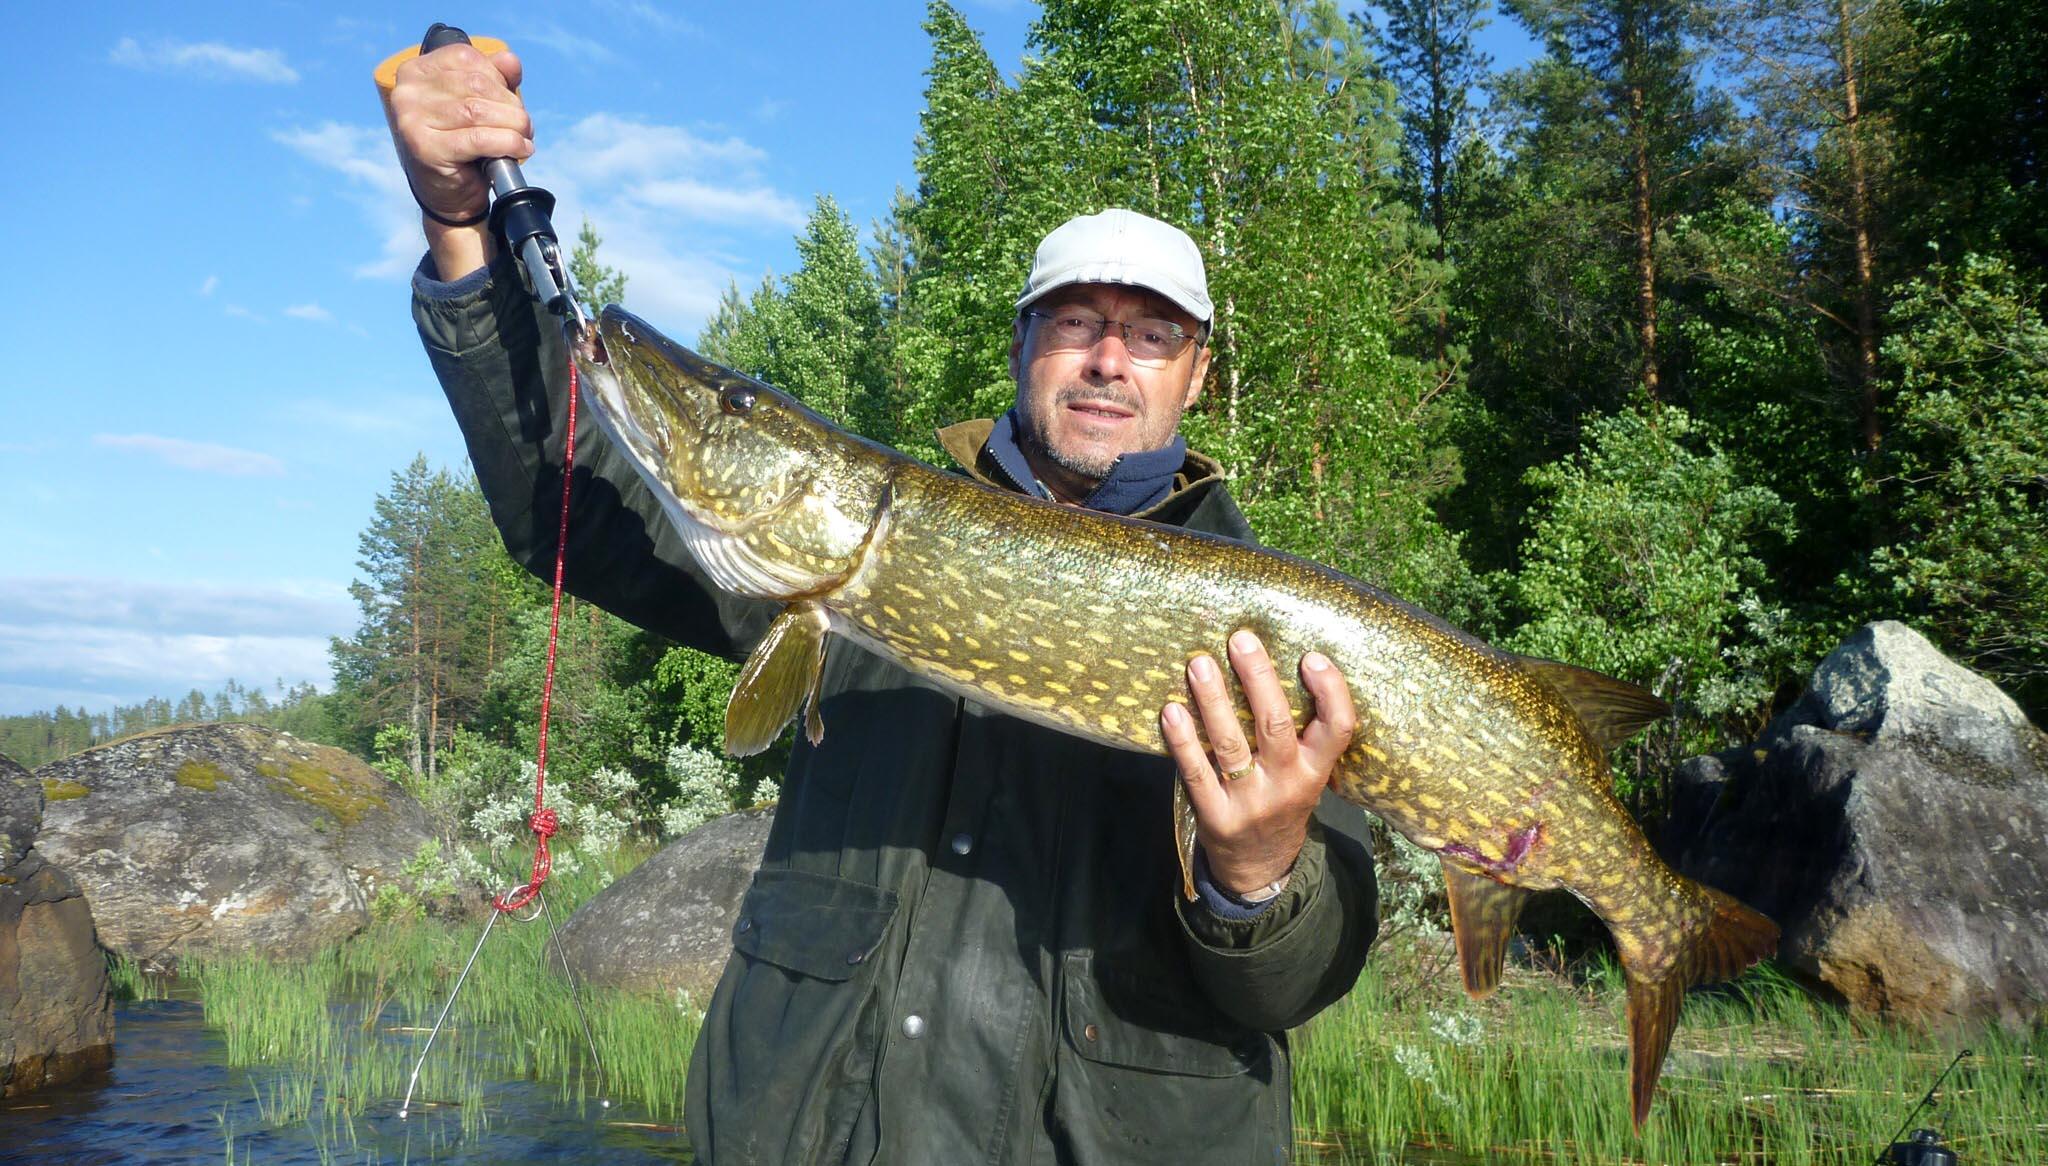 Gäddfiske - Albacken Jakt & Fiske